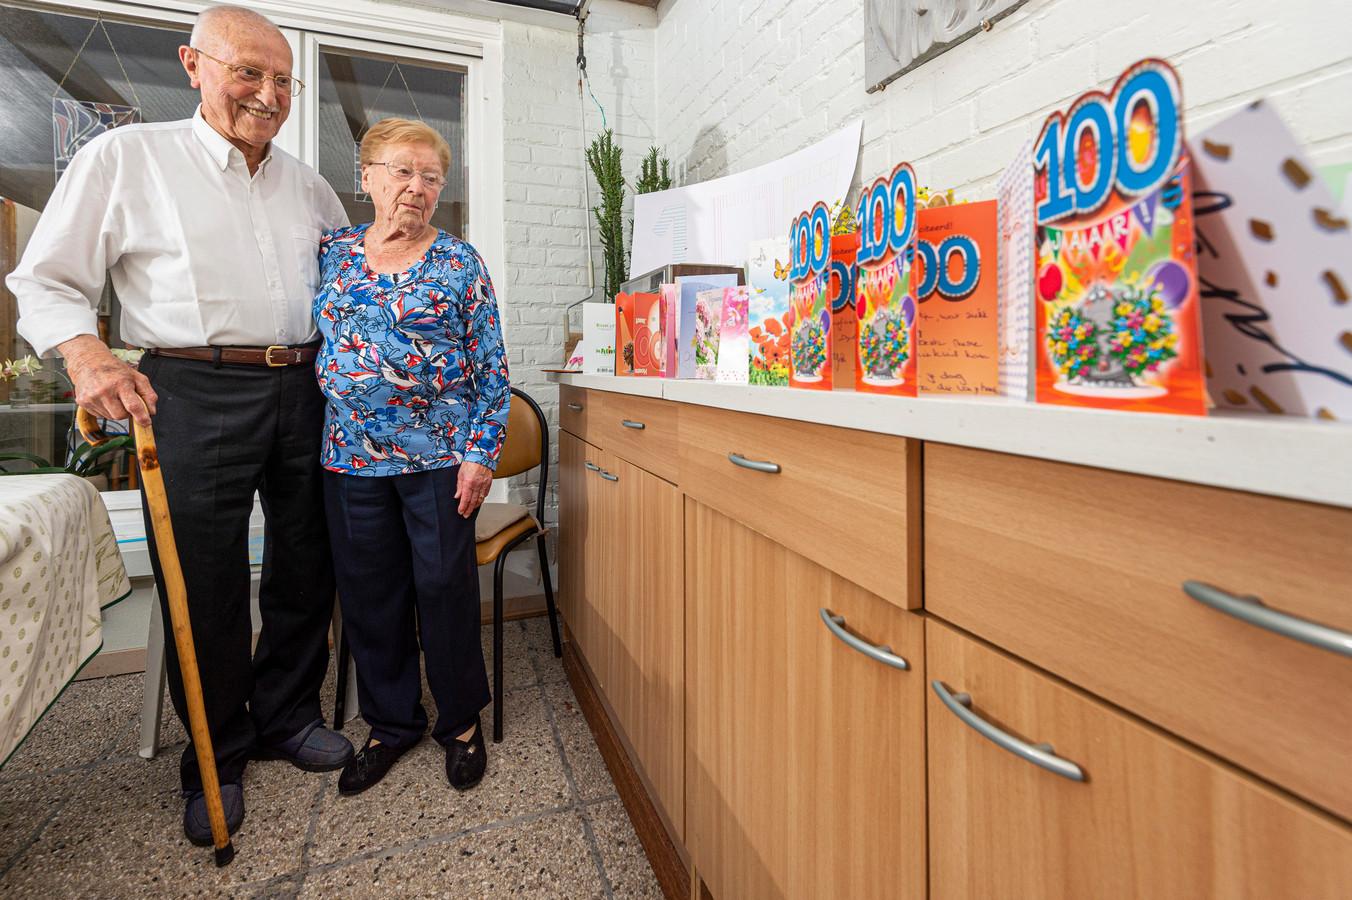 Op haar 100ste verjaardag zonden heel wat lezers van onze krant kaartjes naar Gabriëlla, die toen nog actief was als oudste mantelzorger van het land.